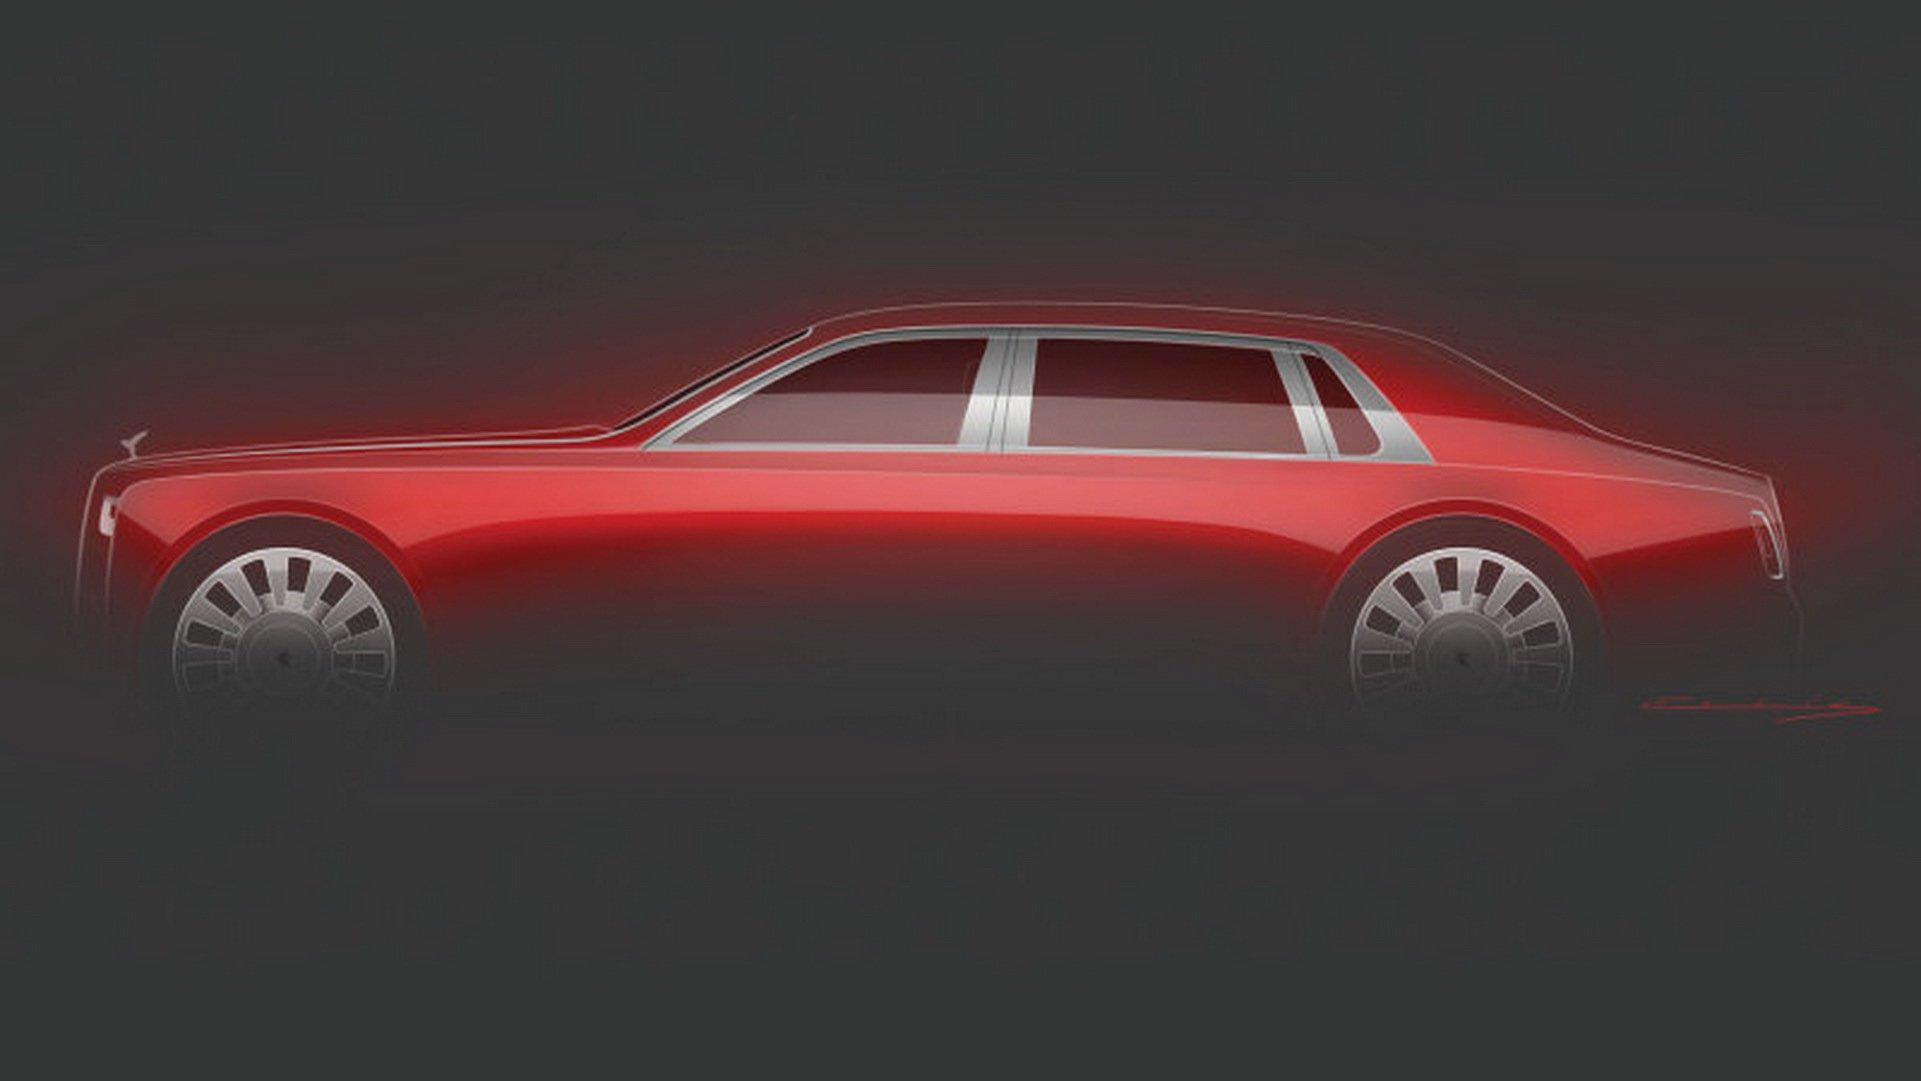 Первое изображение эксклюзивного Rolls-Royce за миллион долларов